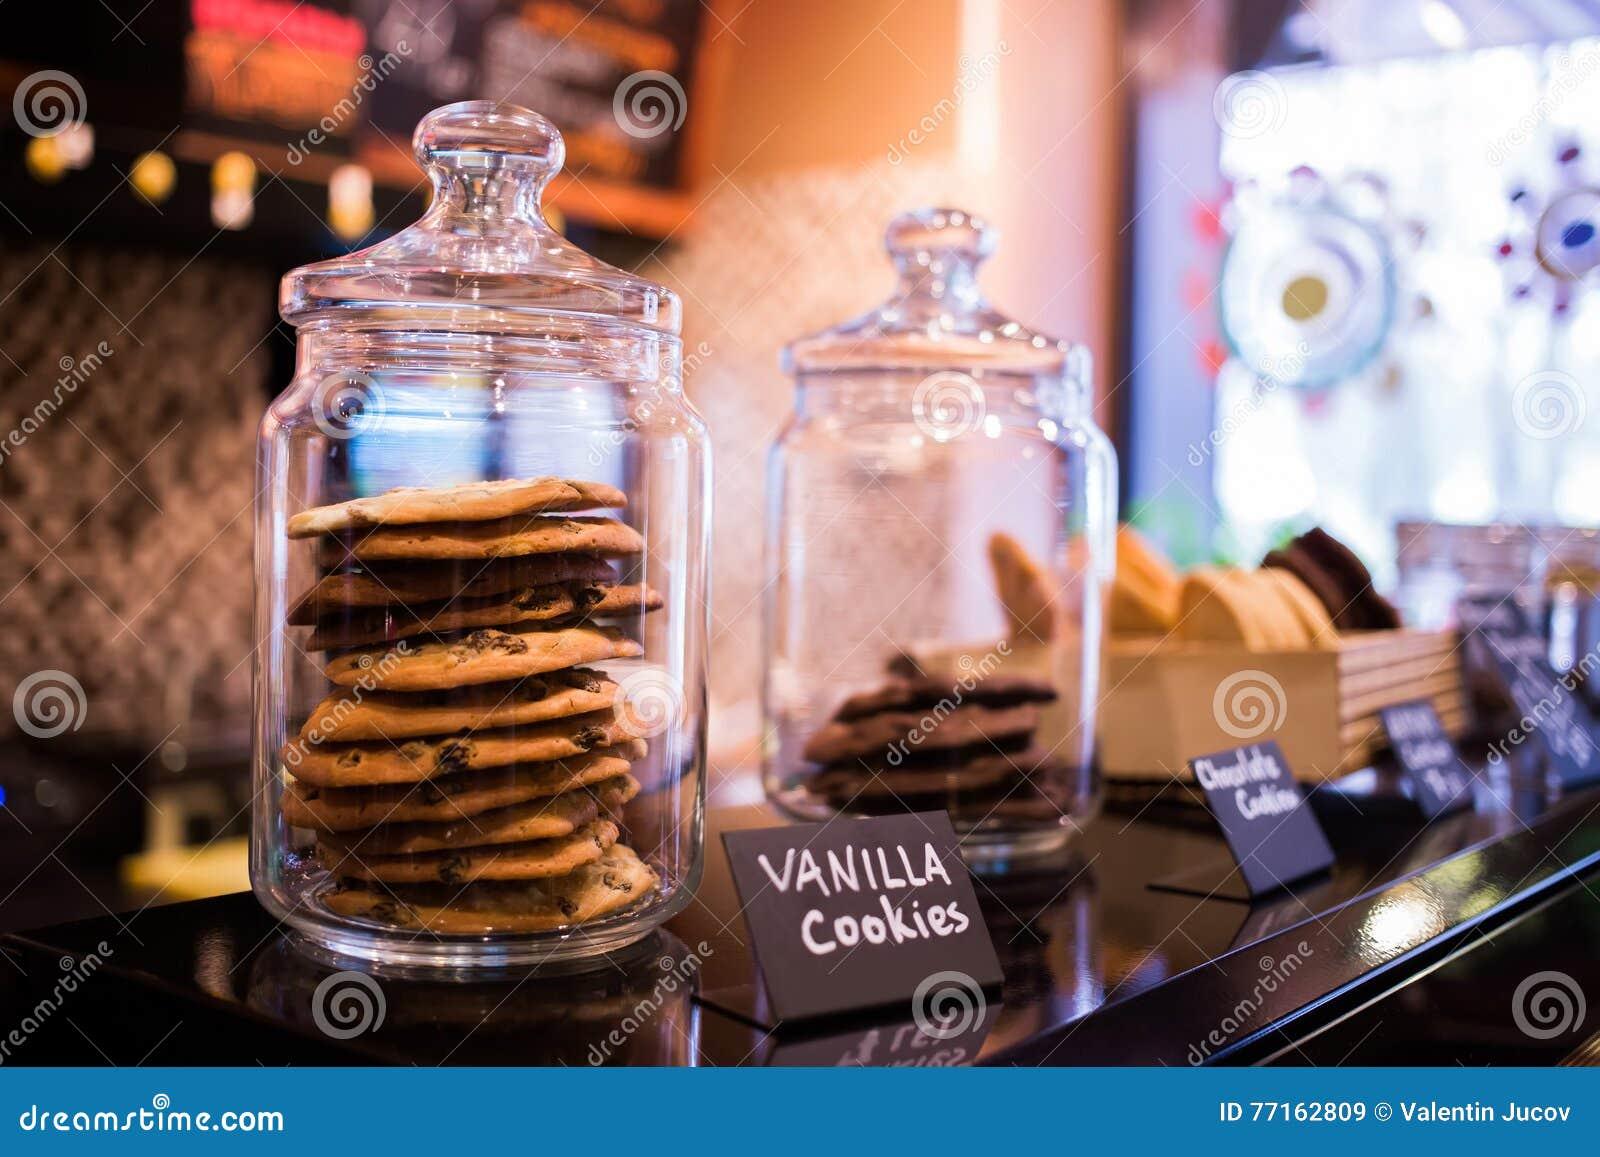 Truffe de biscuits de vanille avec du chocolat dans des pots en verre sur les étagères dans le café